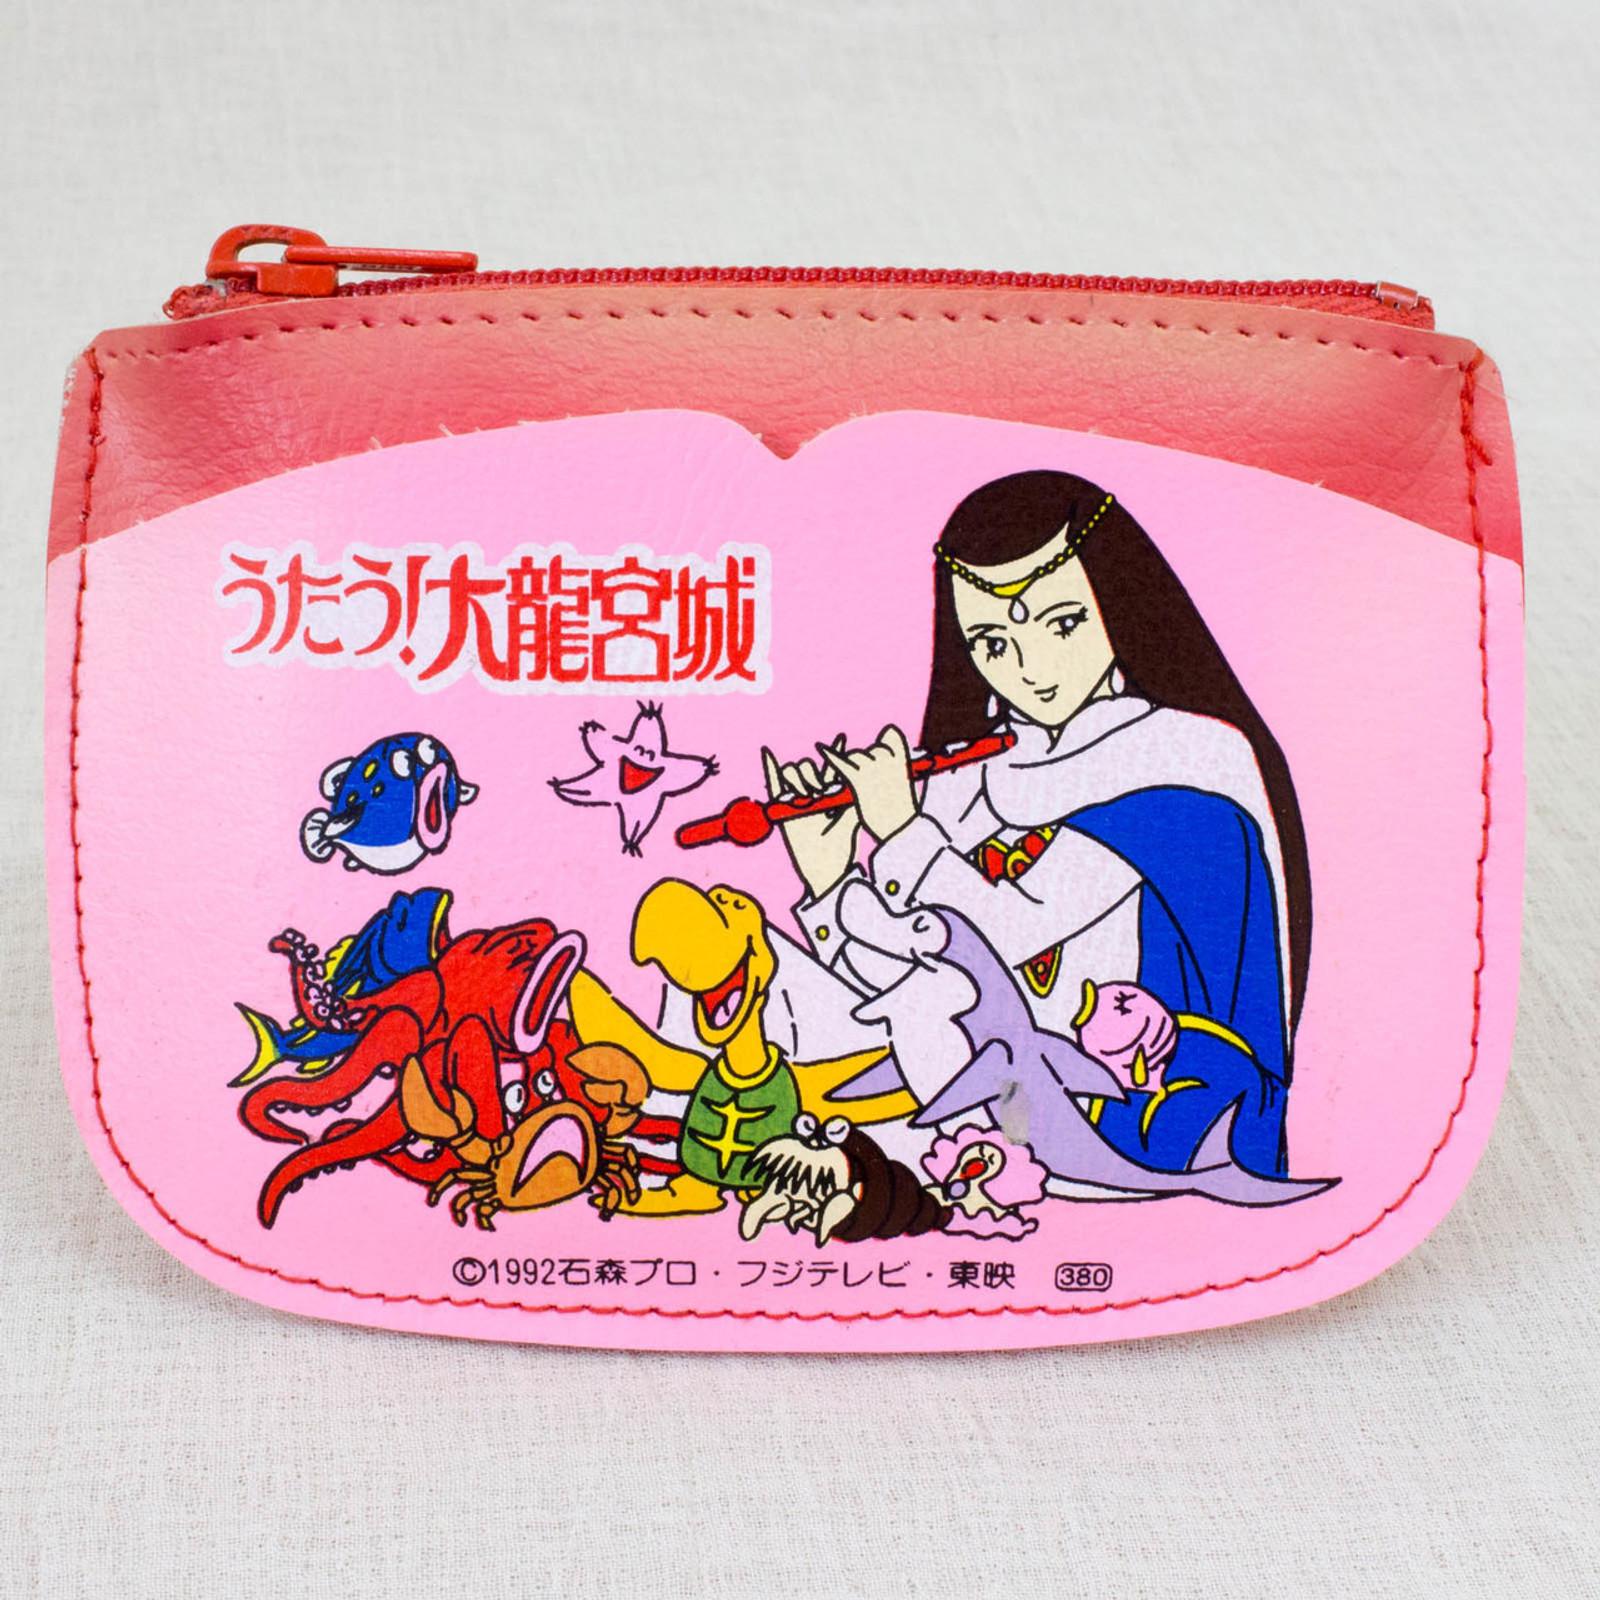 Utau! Dairyugujo Coin Case Pink Ver. JAPAN ANIME SHOTARO ISHINOMORI  1